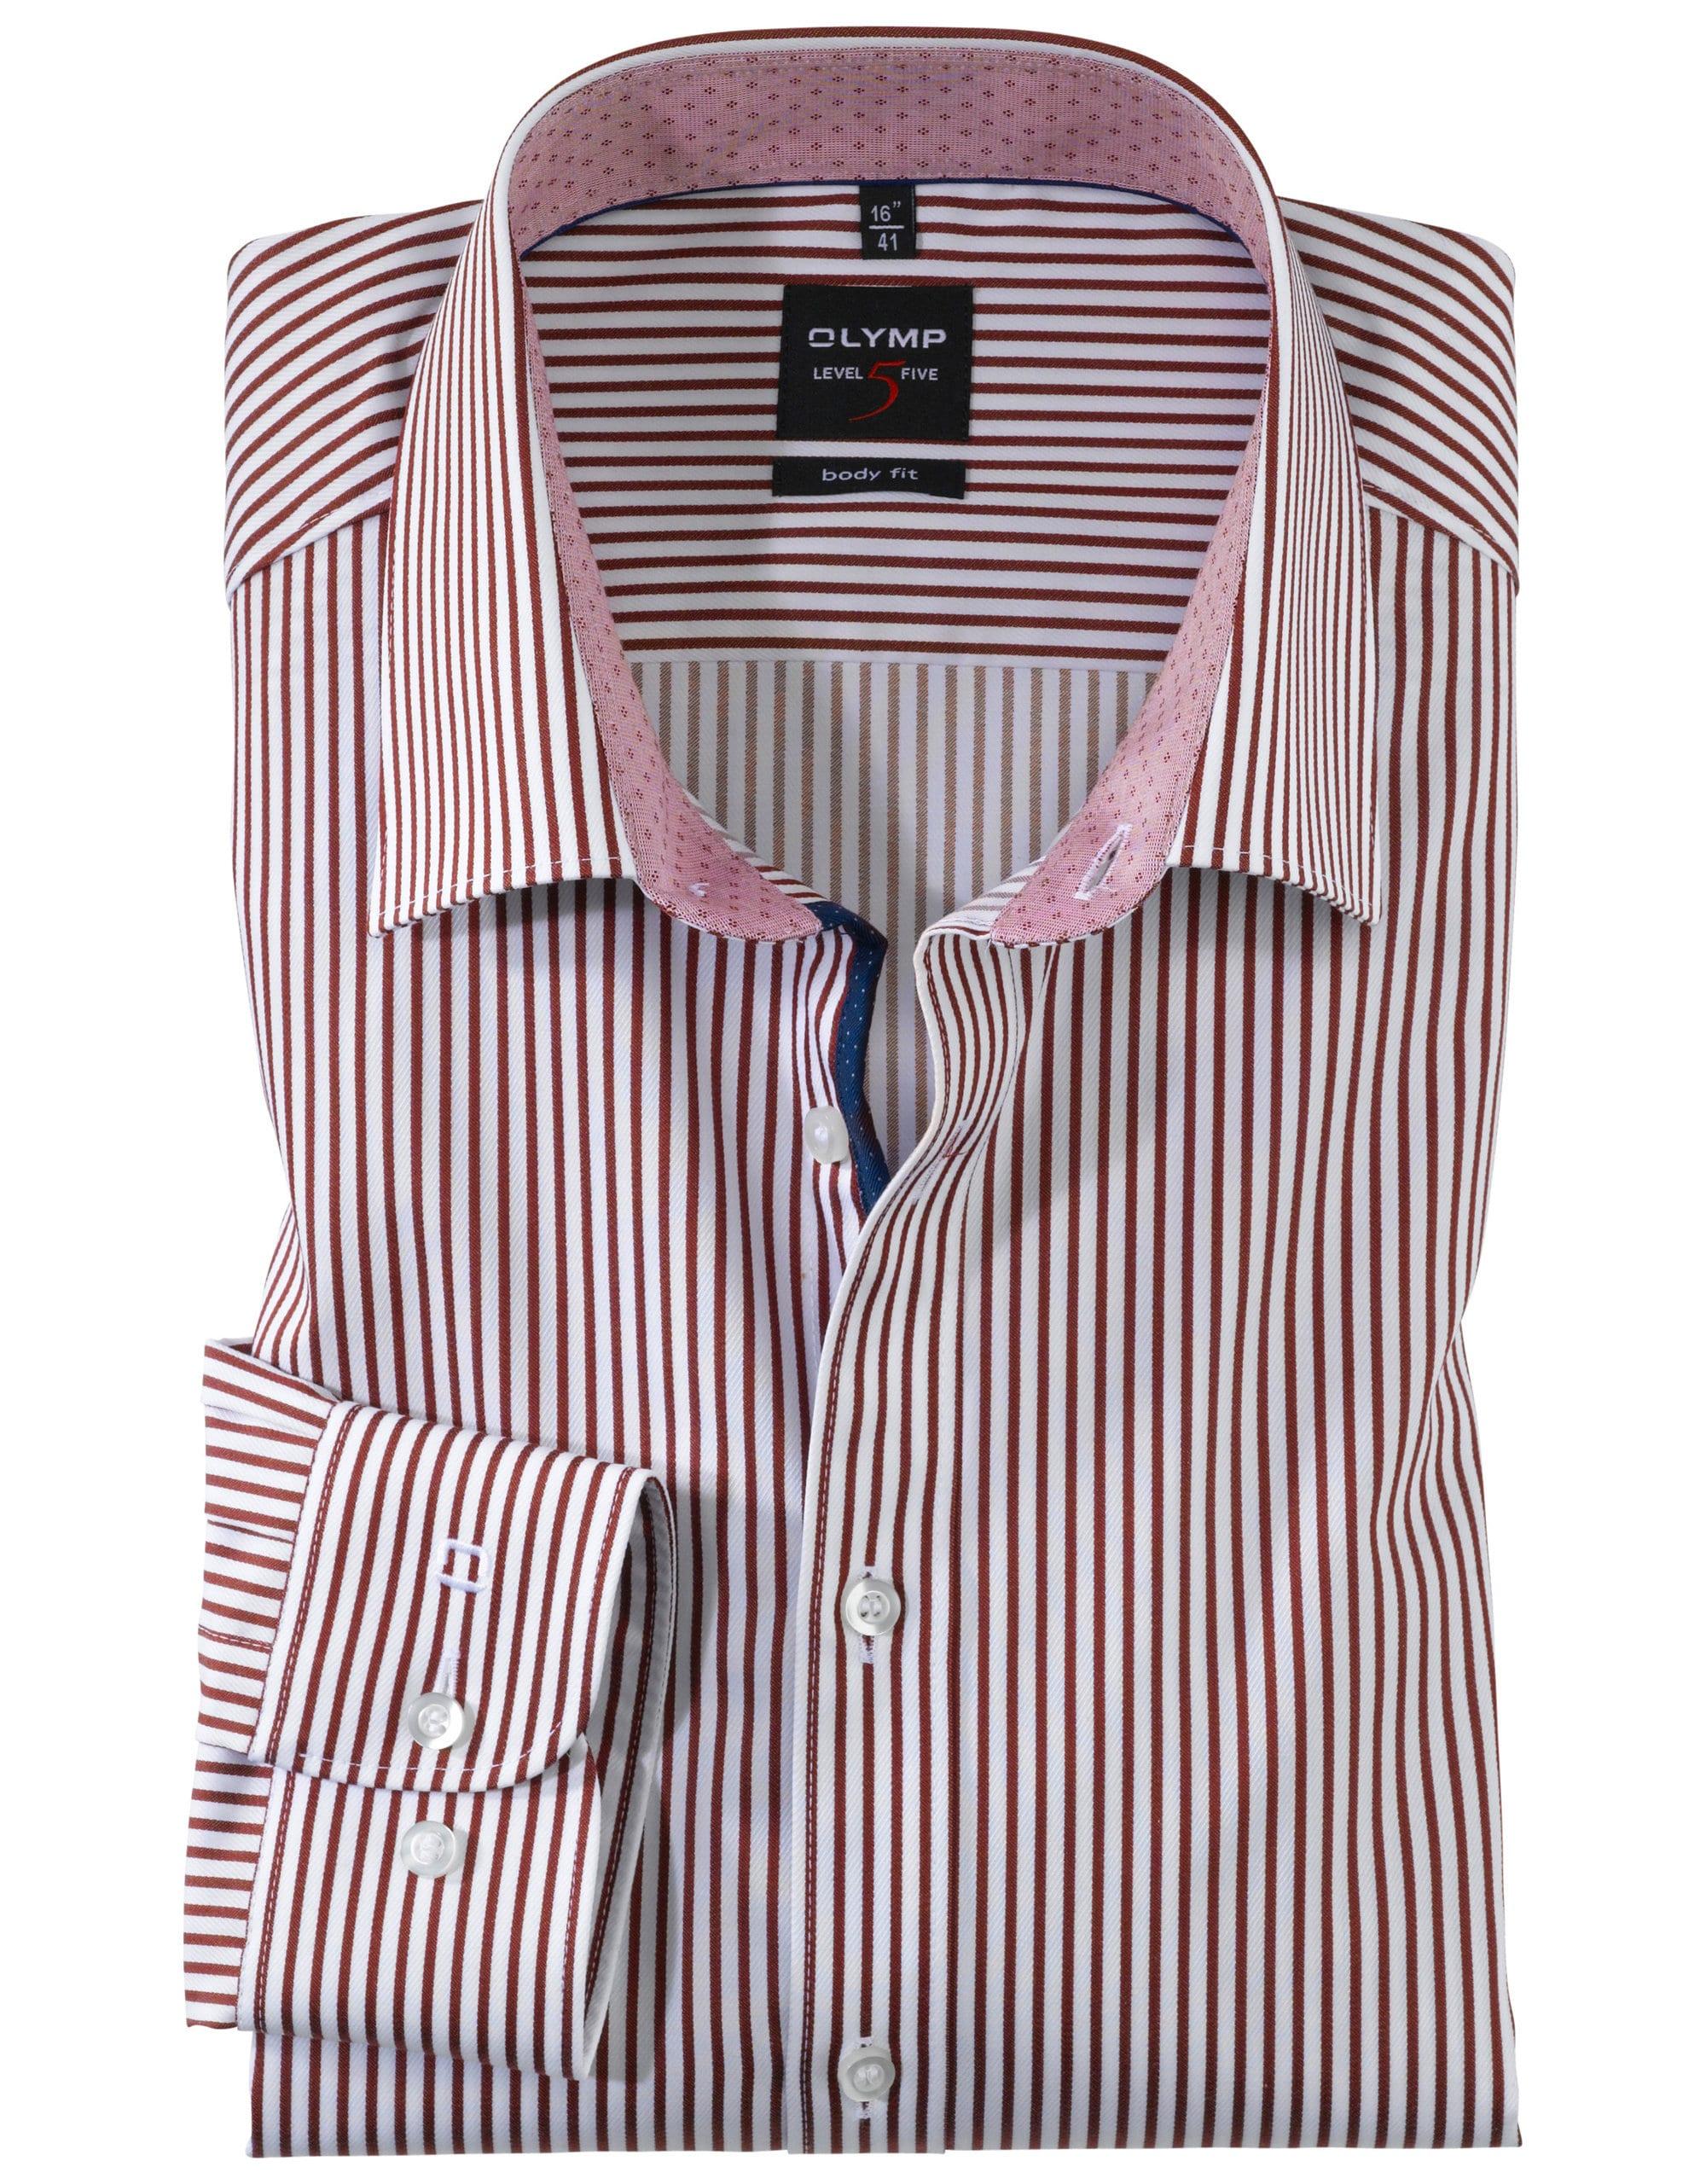 d35ae3d41a OLYMP Level5 Body Fit Piros Fehér Csíkos Ing - Elite Fashion Öltönyház